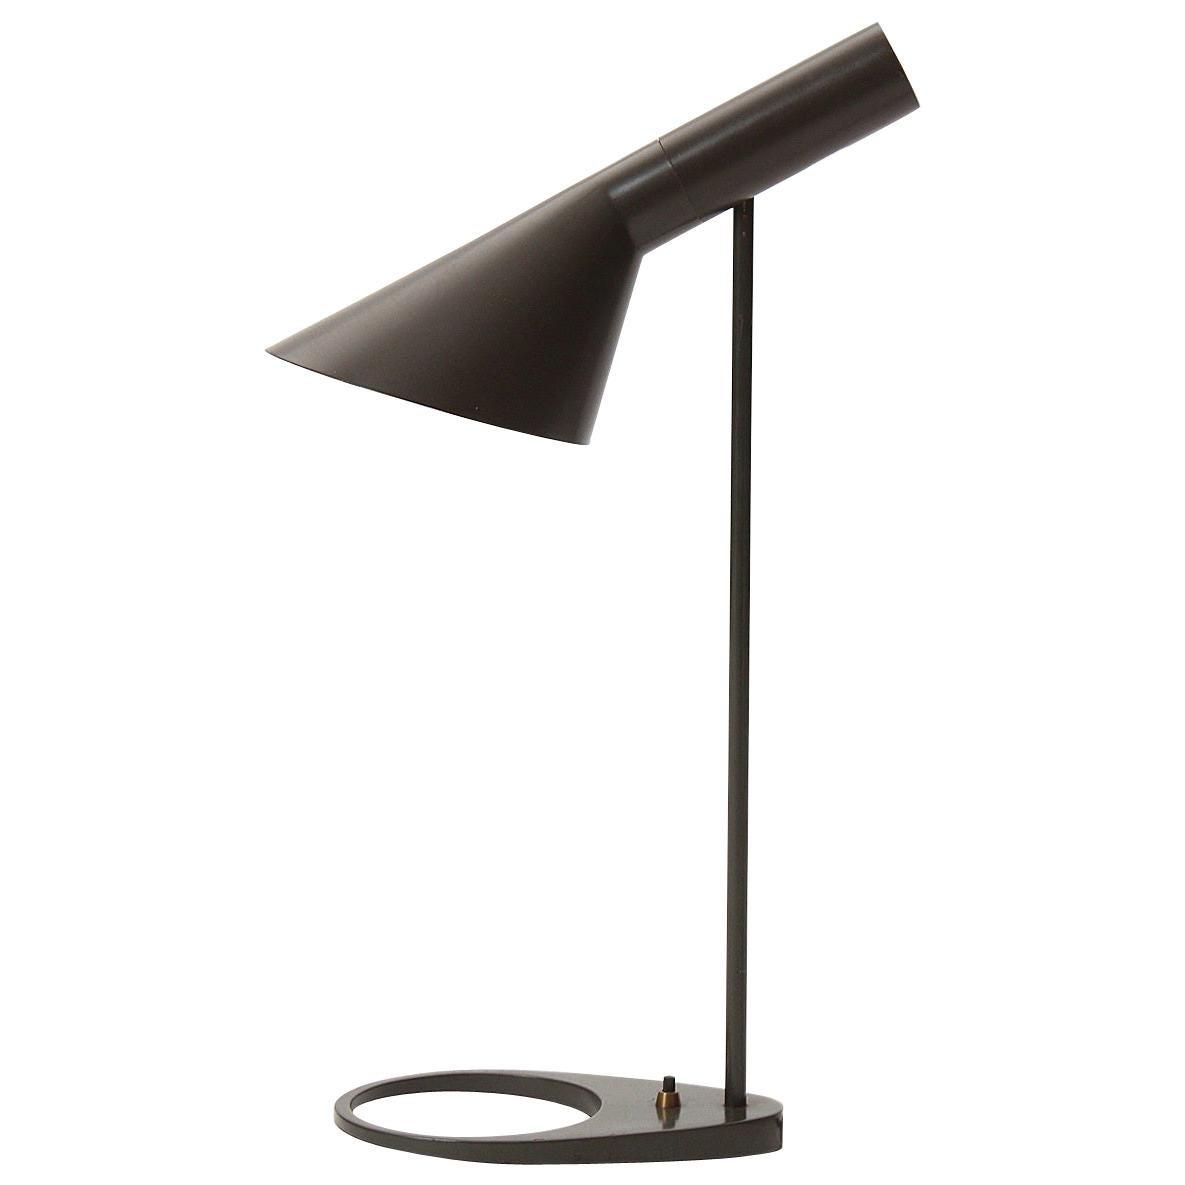 Visor Table Lamp by Arne Jacobsen